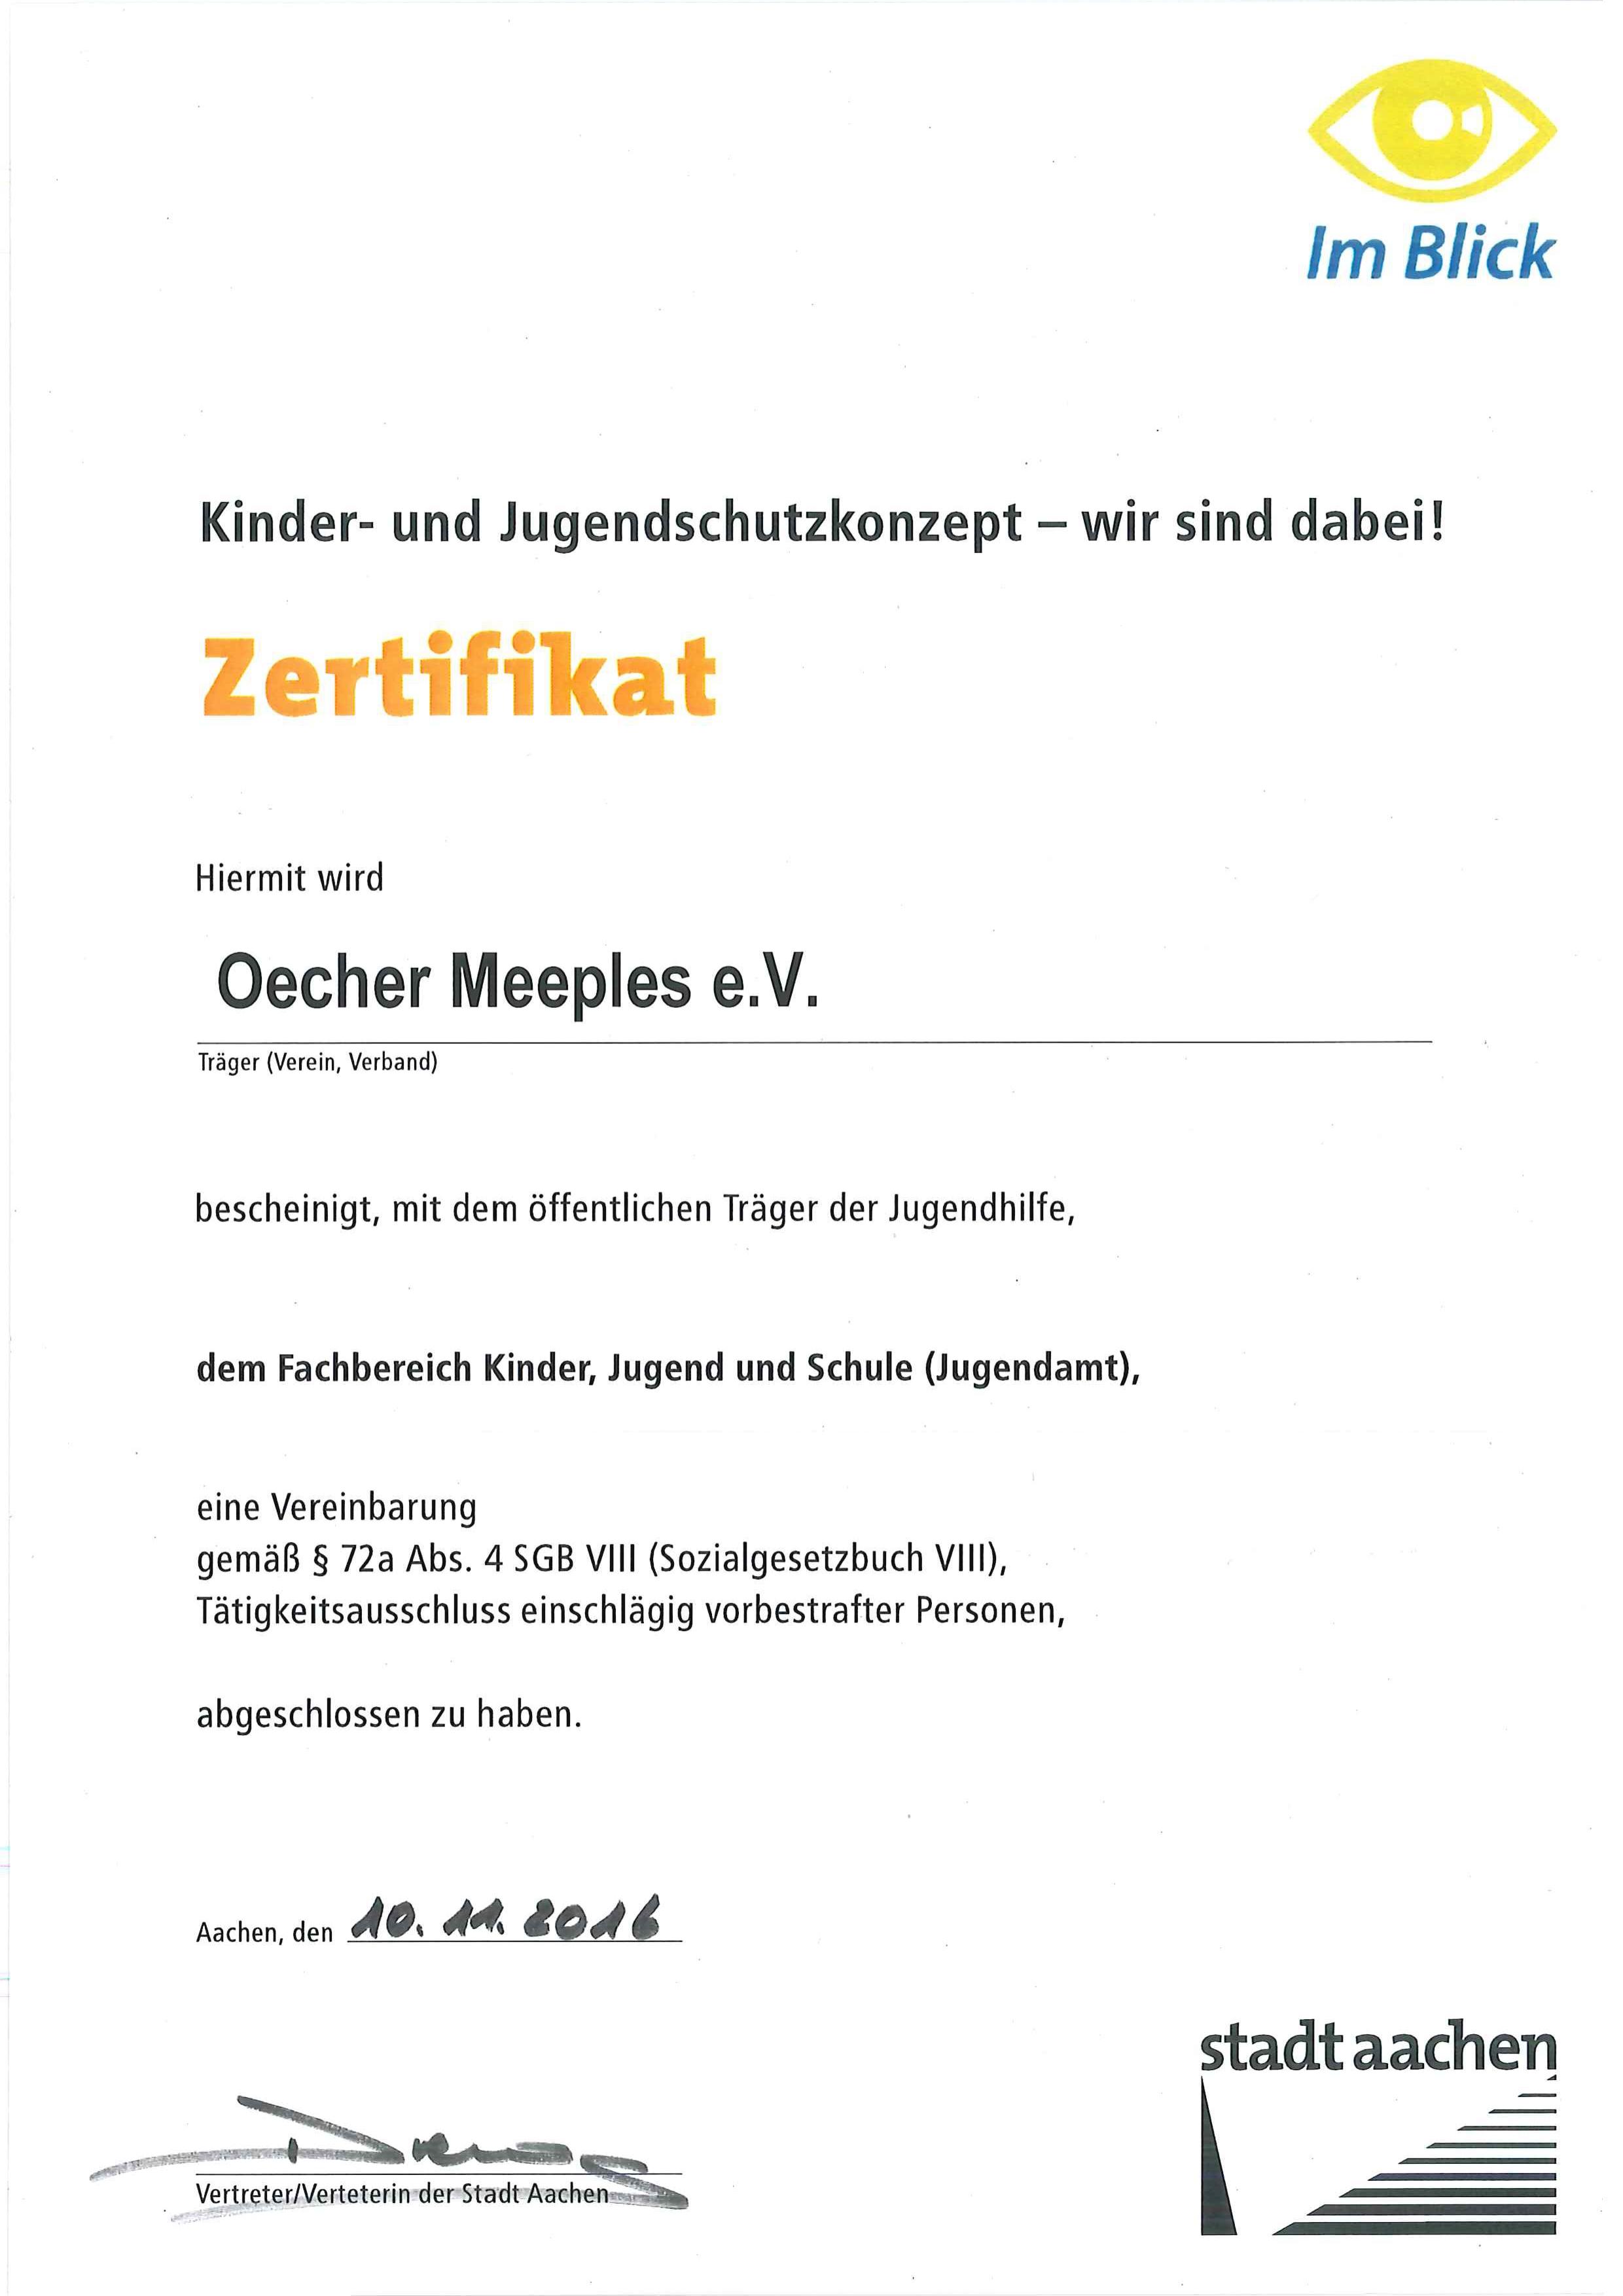 Zertifikat der Stadt Aachen